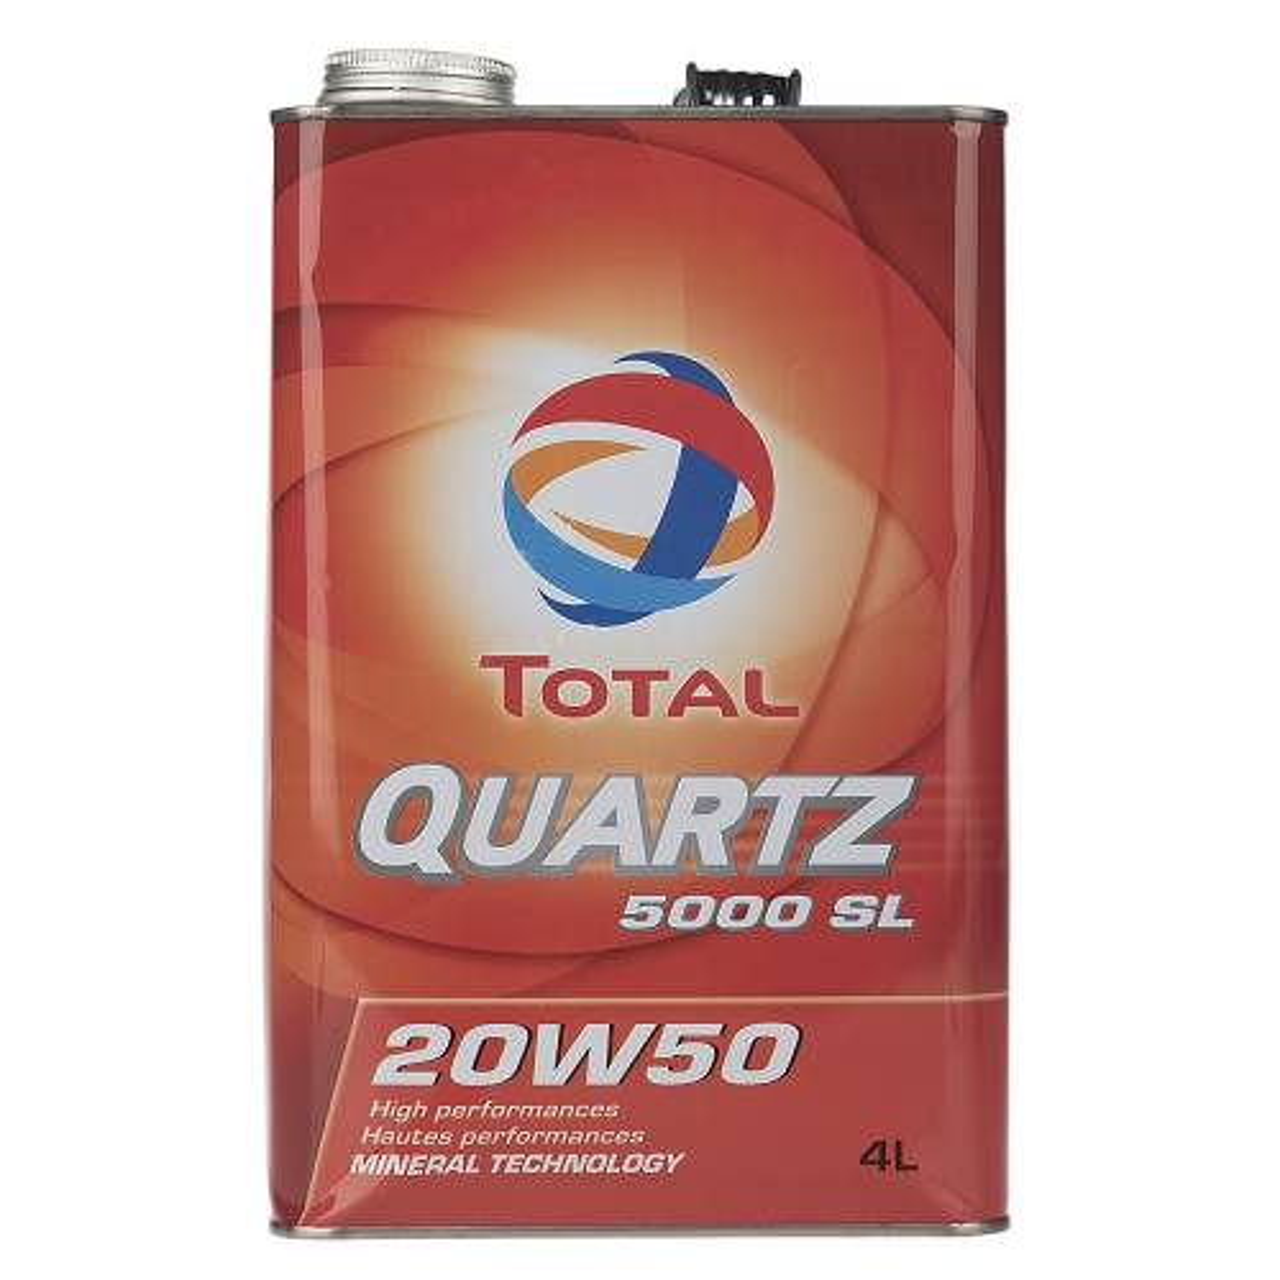 روغن موتور خودرو توتال مدل Quartz 5000 SL حجم 4 لیتر